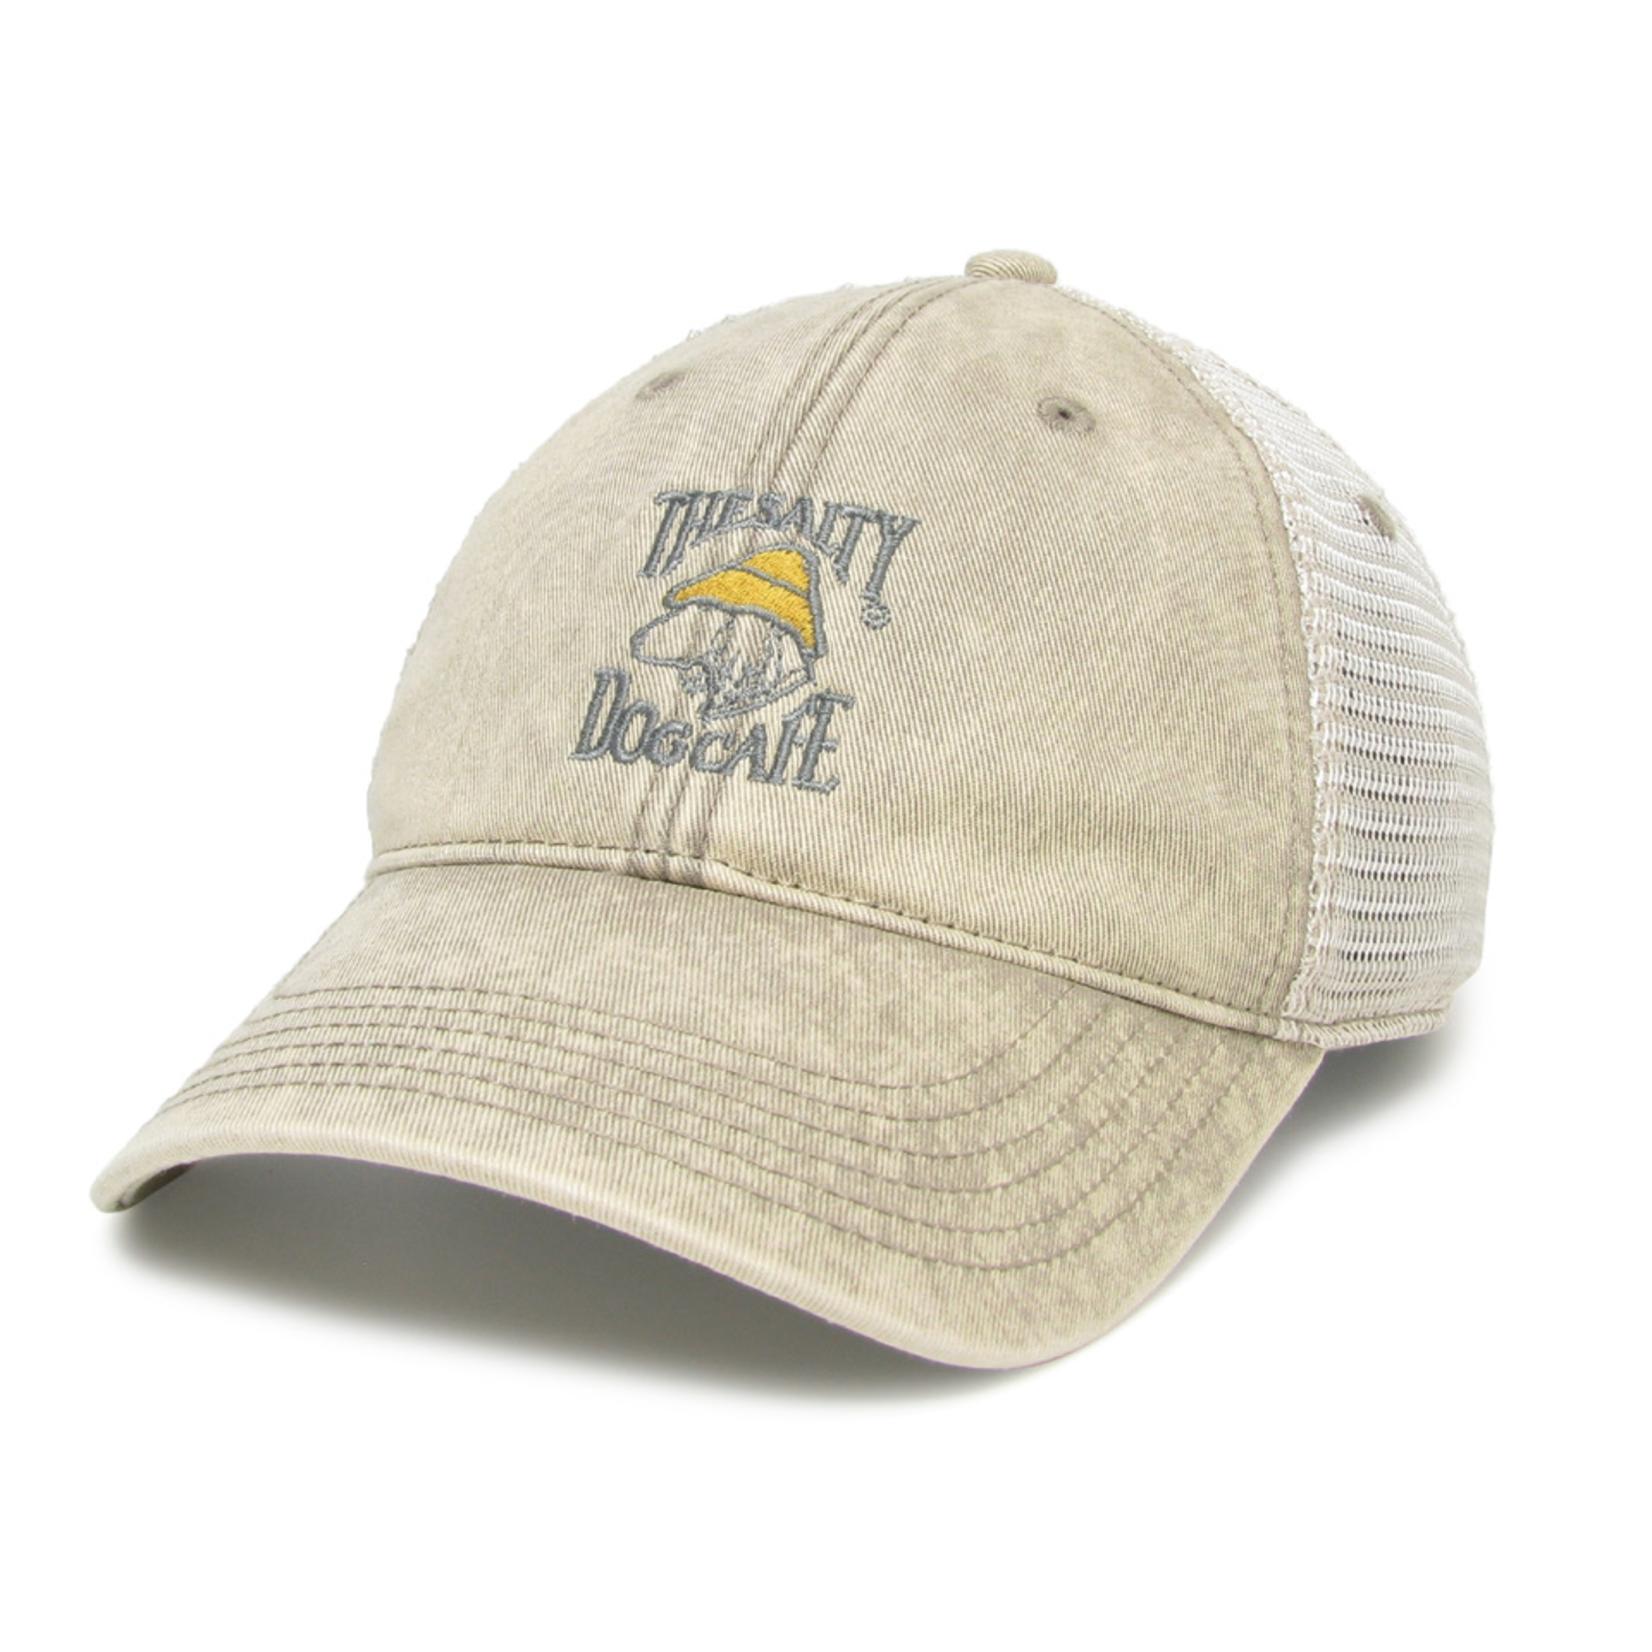 Hat - Washed Denim Trucker, Stone, Adult